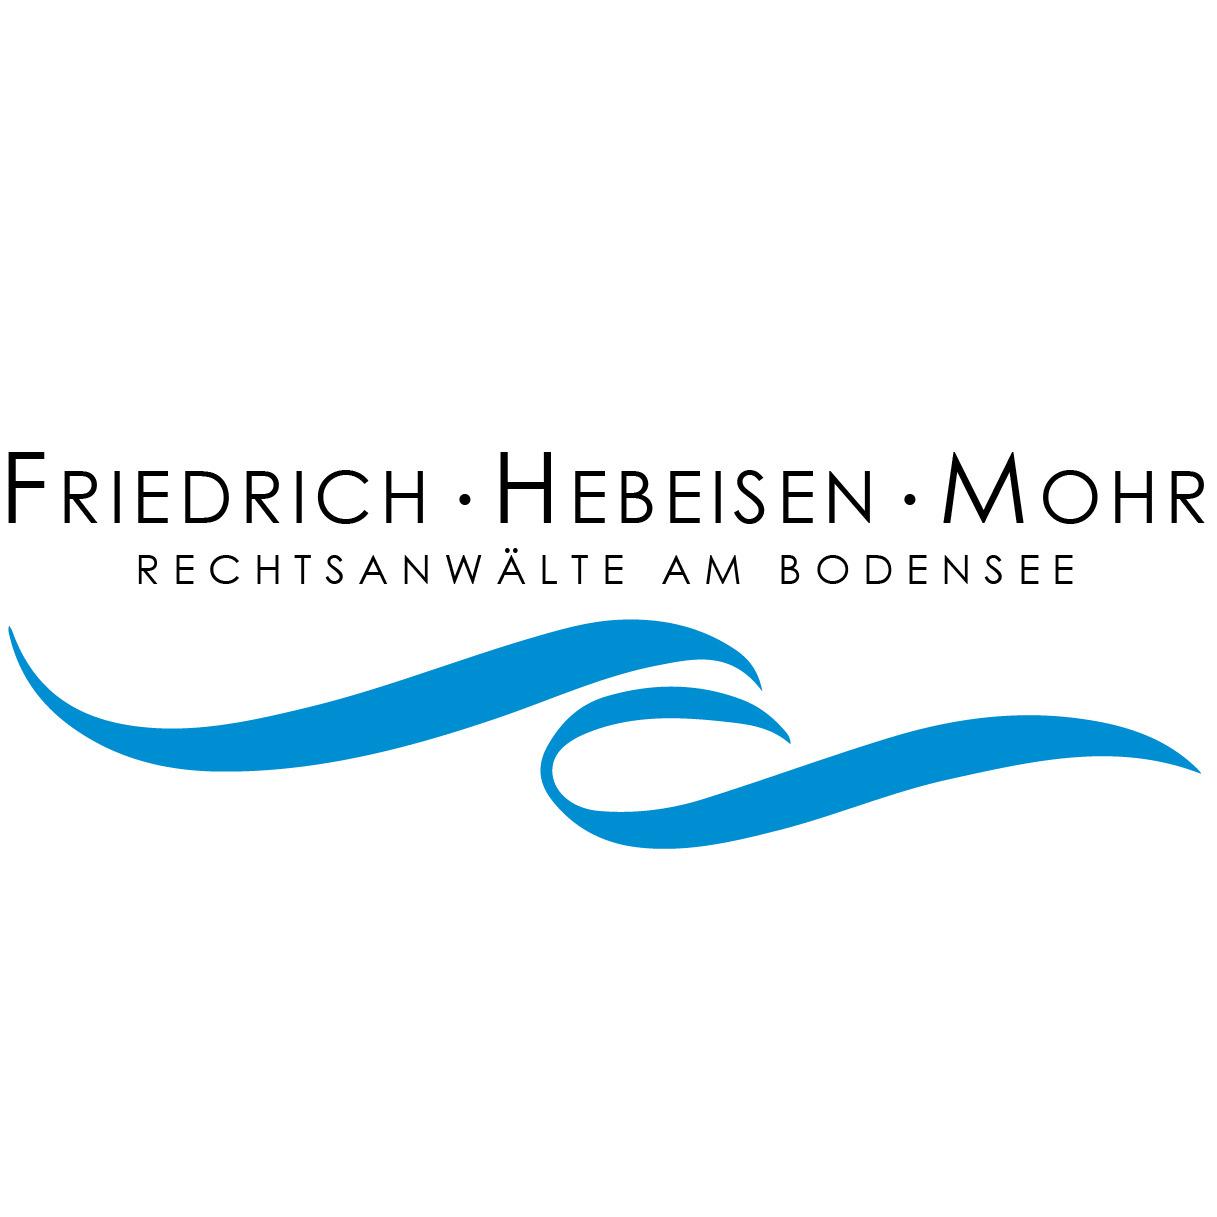 Bilder Friedrich · Hebeisen · Mohr · Rechtsanwälte am Bodensee